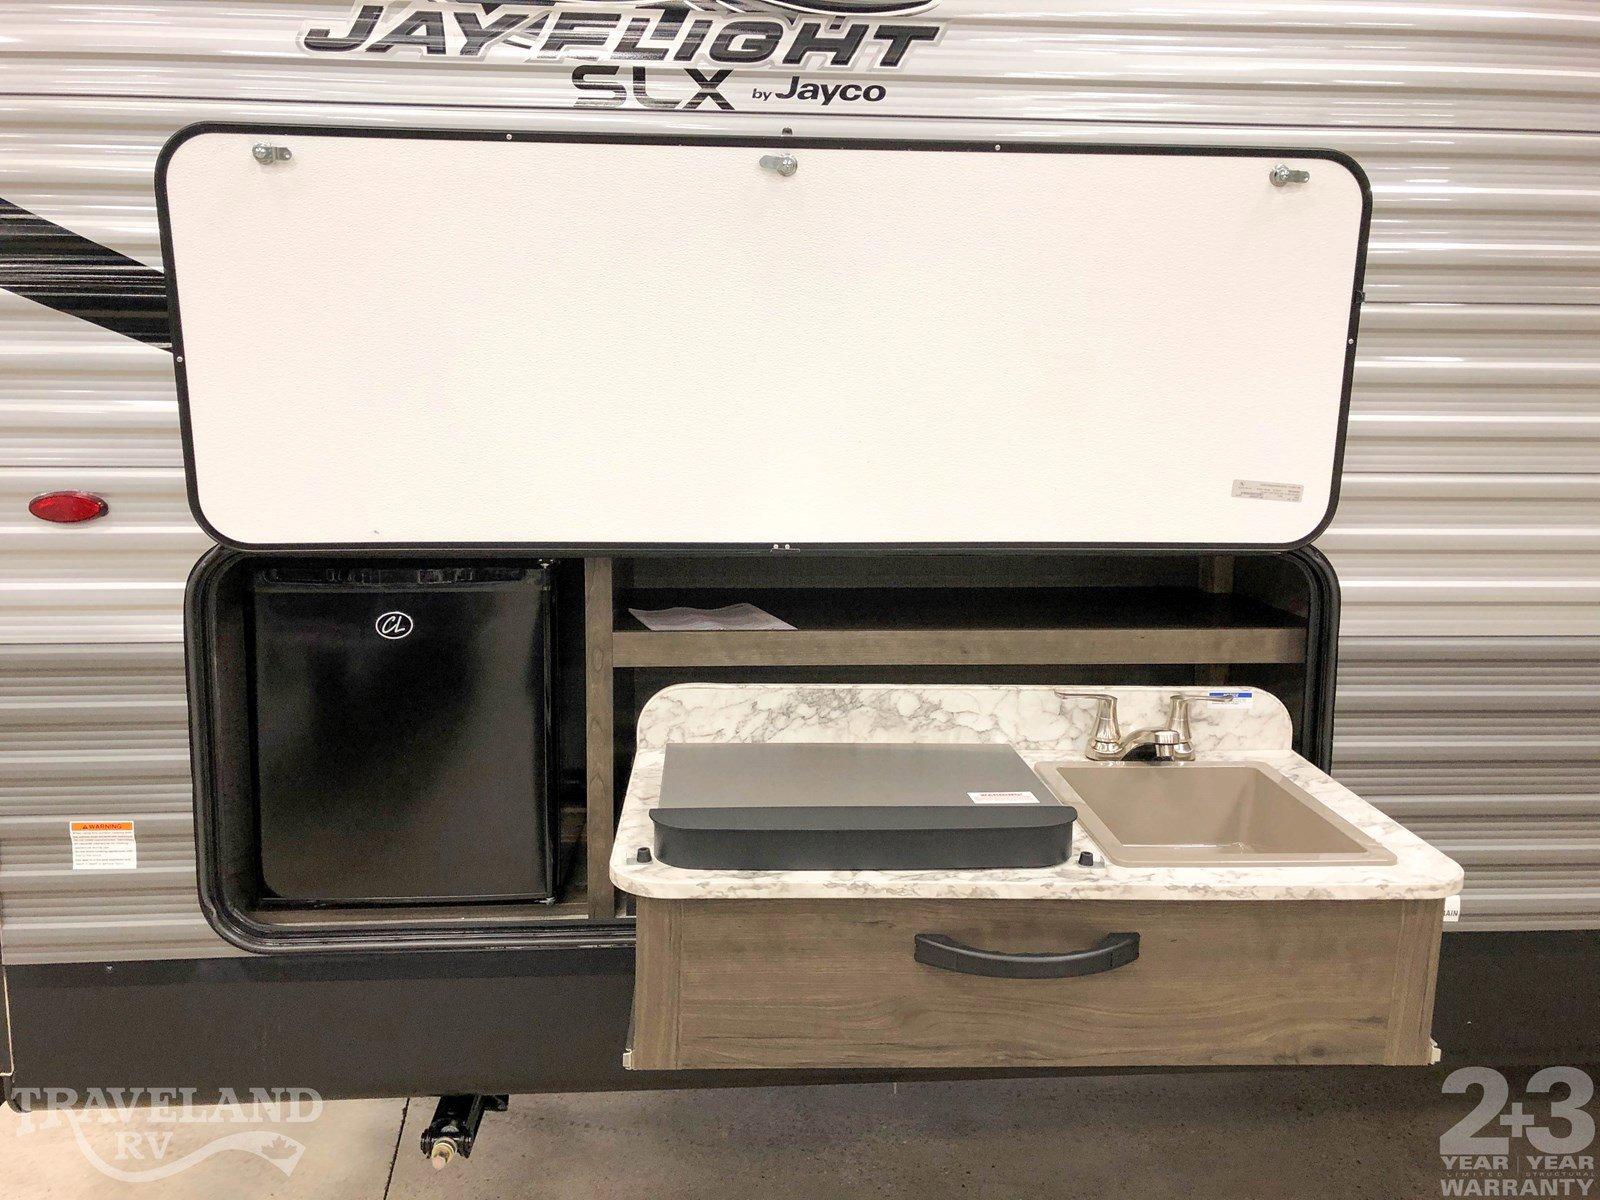 2020 Jayco Jayflight Slx 294QBS Thumbnail